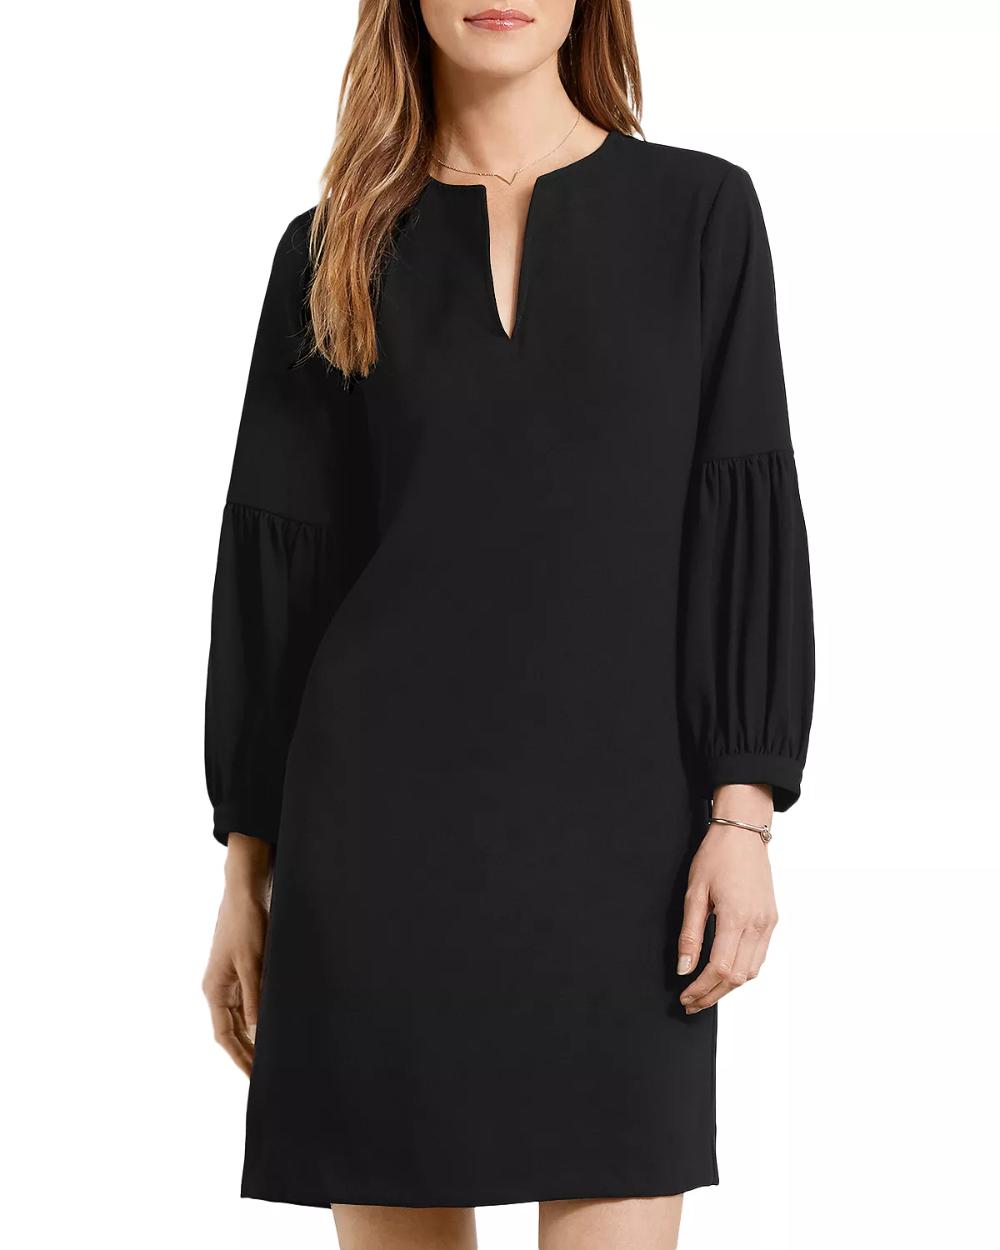 Karen Kane Bishop Sleeve Dress Women Bloomingdale S Dresses Black Funeral Dress Dresses With Sleeves [ 1250 x 1000 Pixel ]